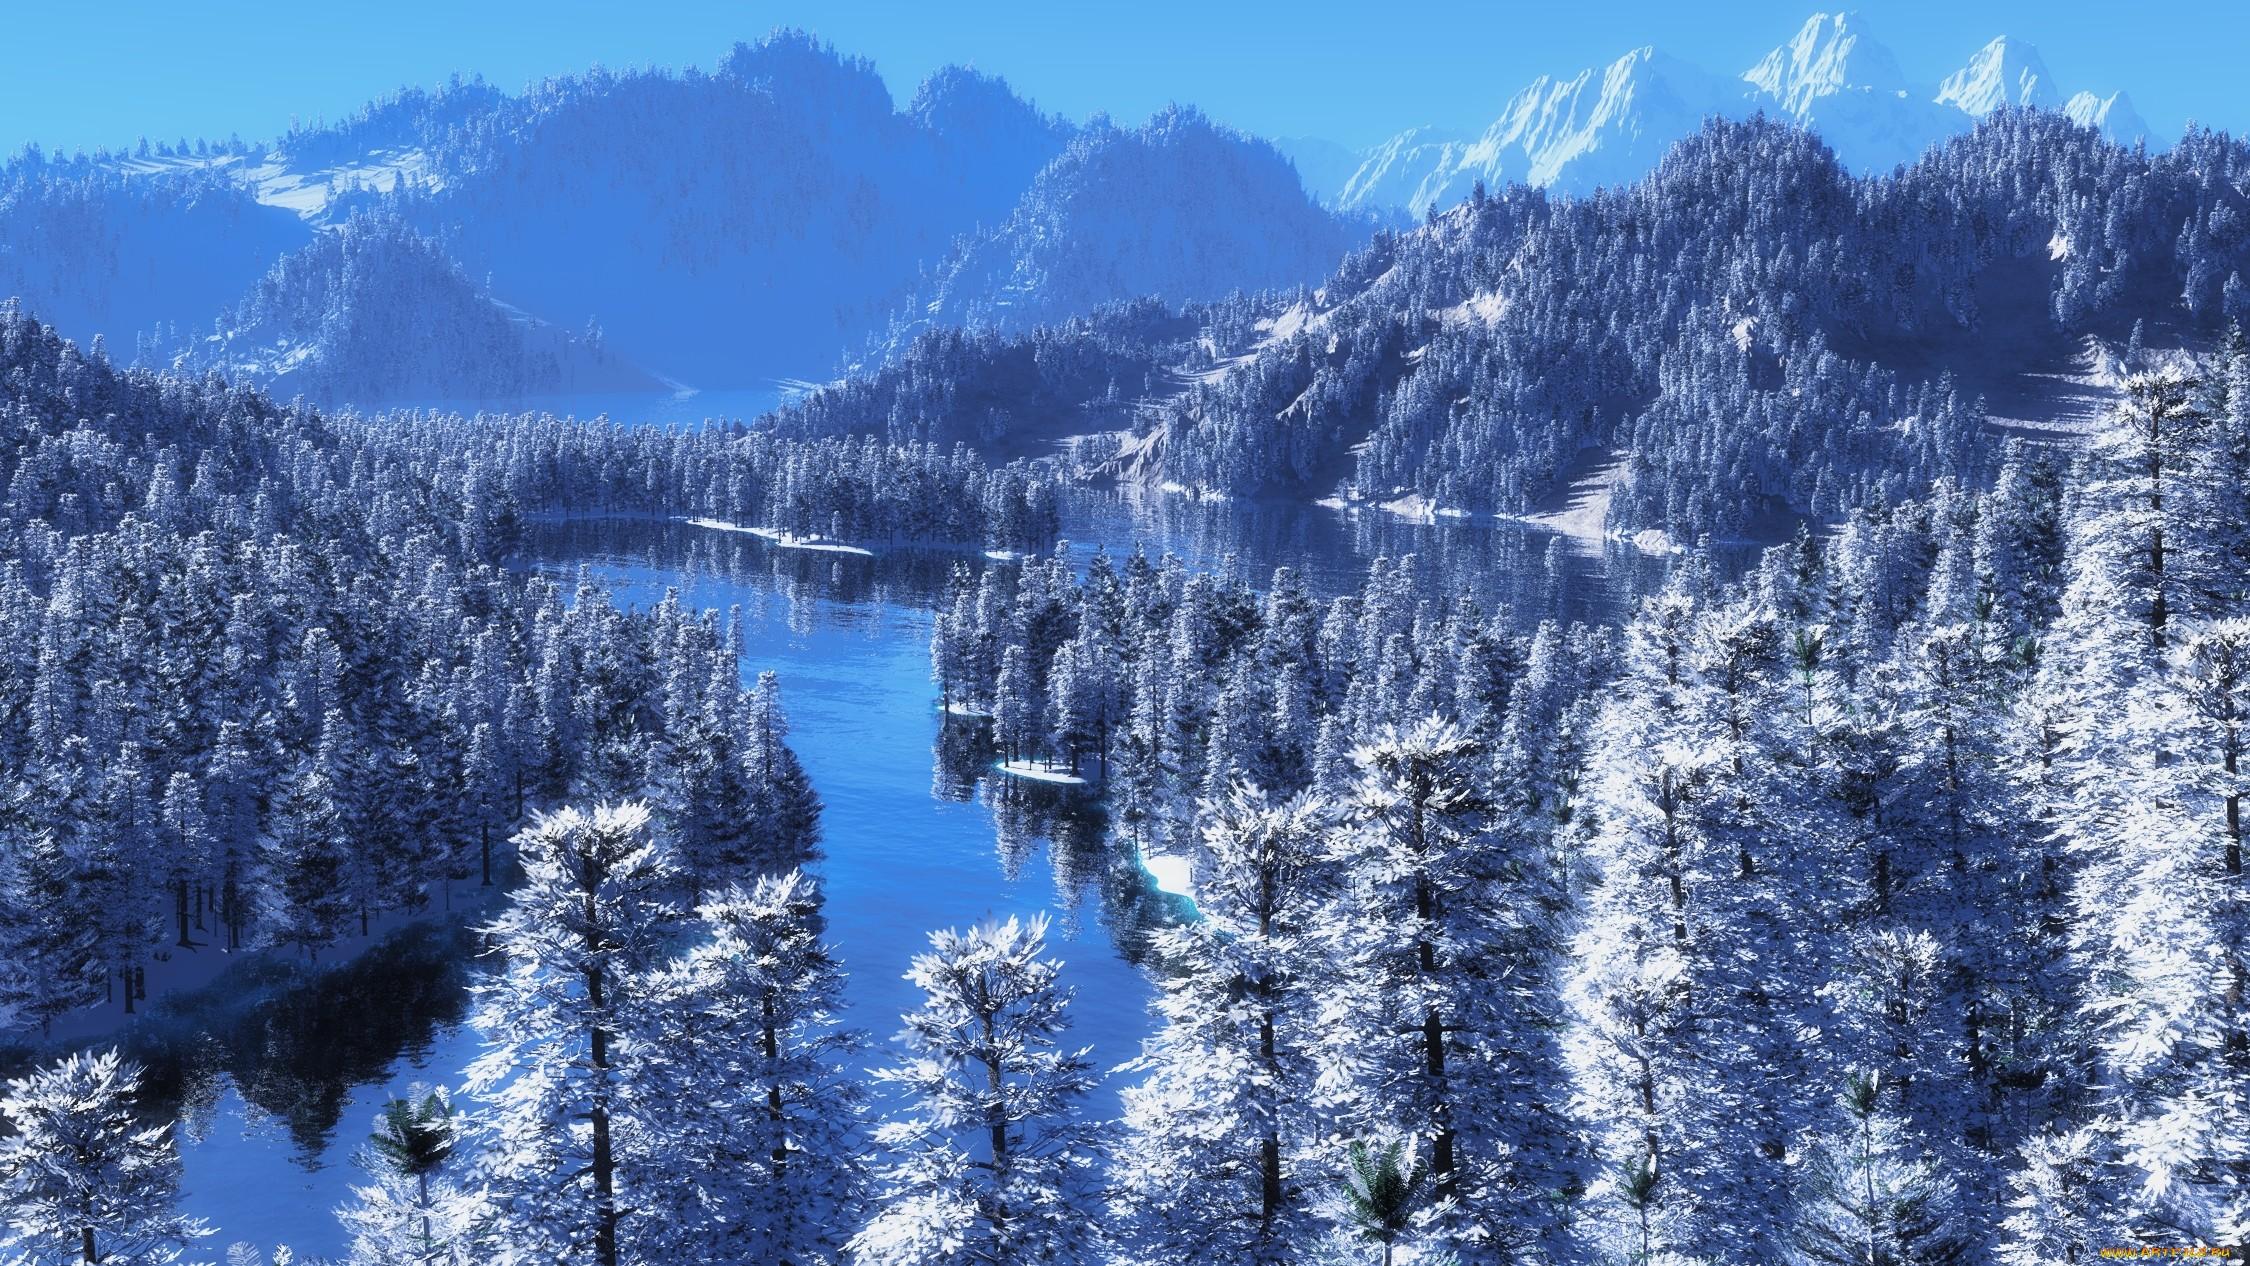 природа снег зима деревья горы  № 2577163 загрузить